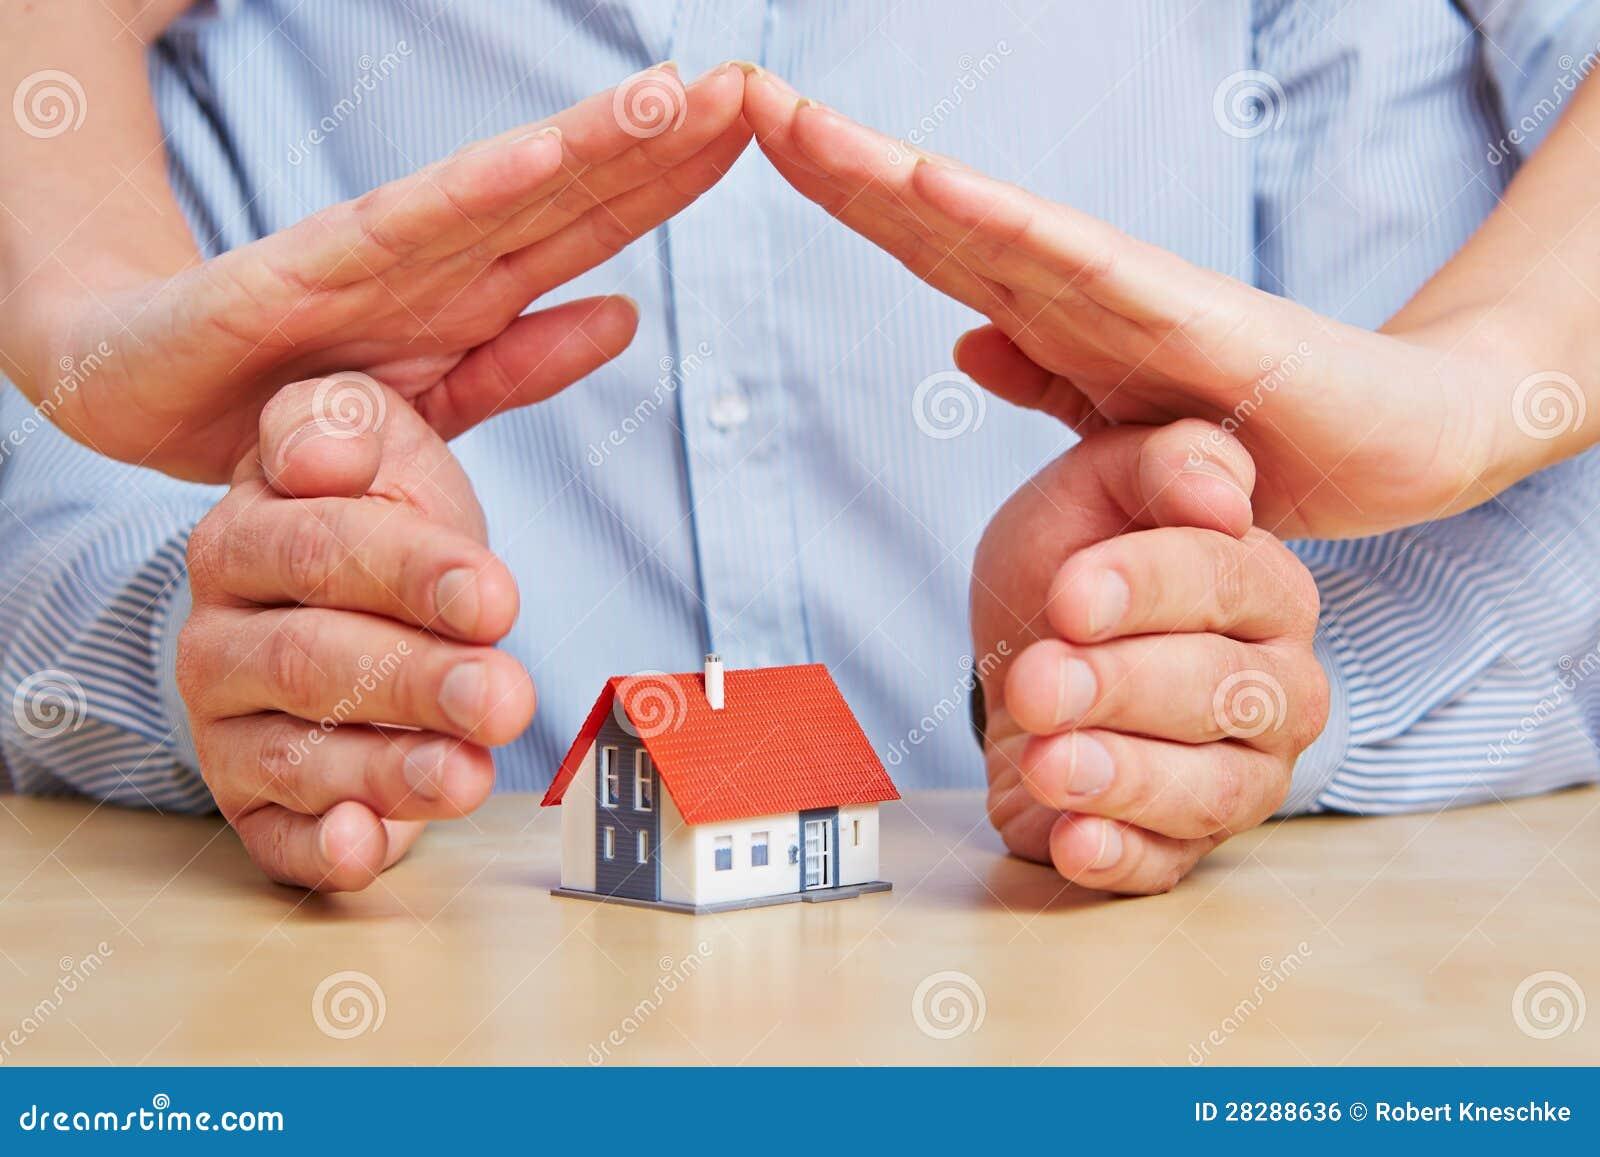 Mains Comme Toit Au Dessus D 39 Une Maison Image Libre De